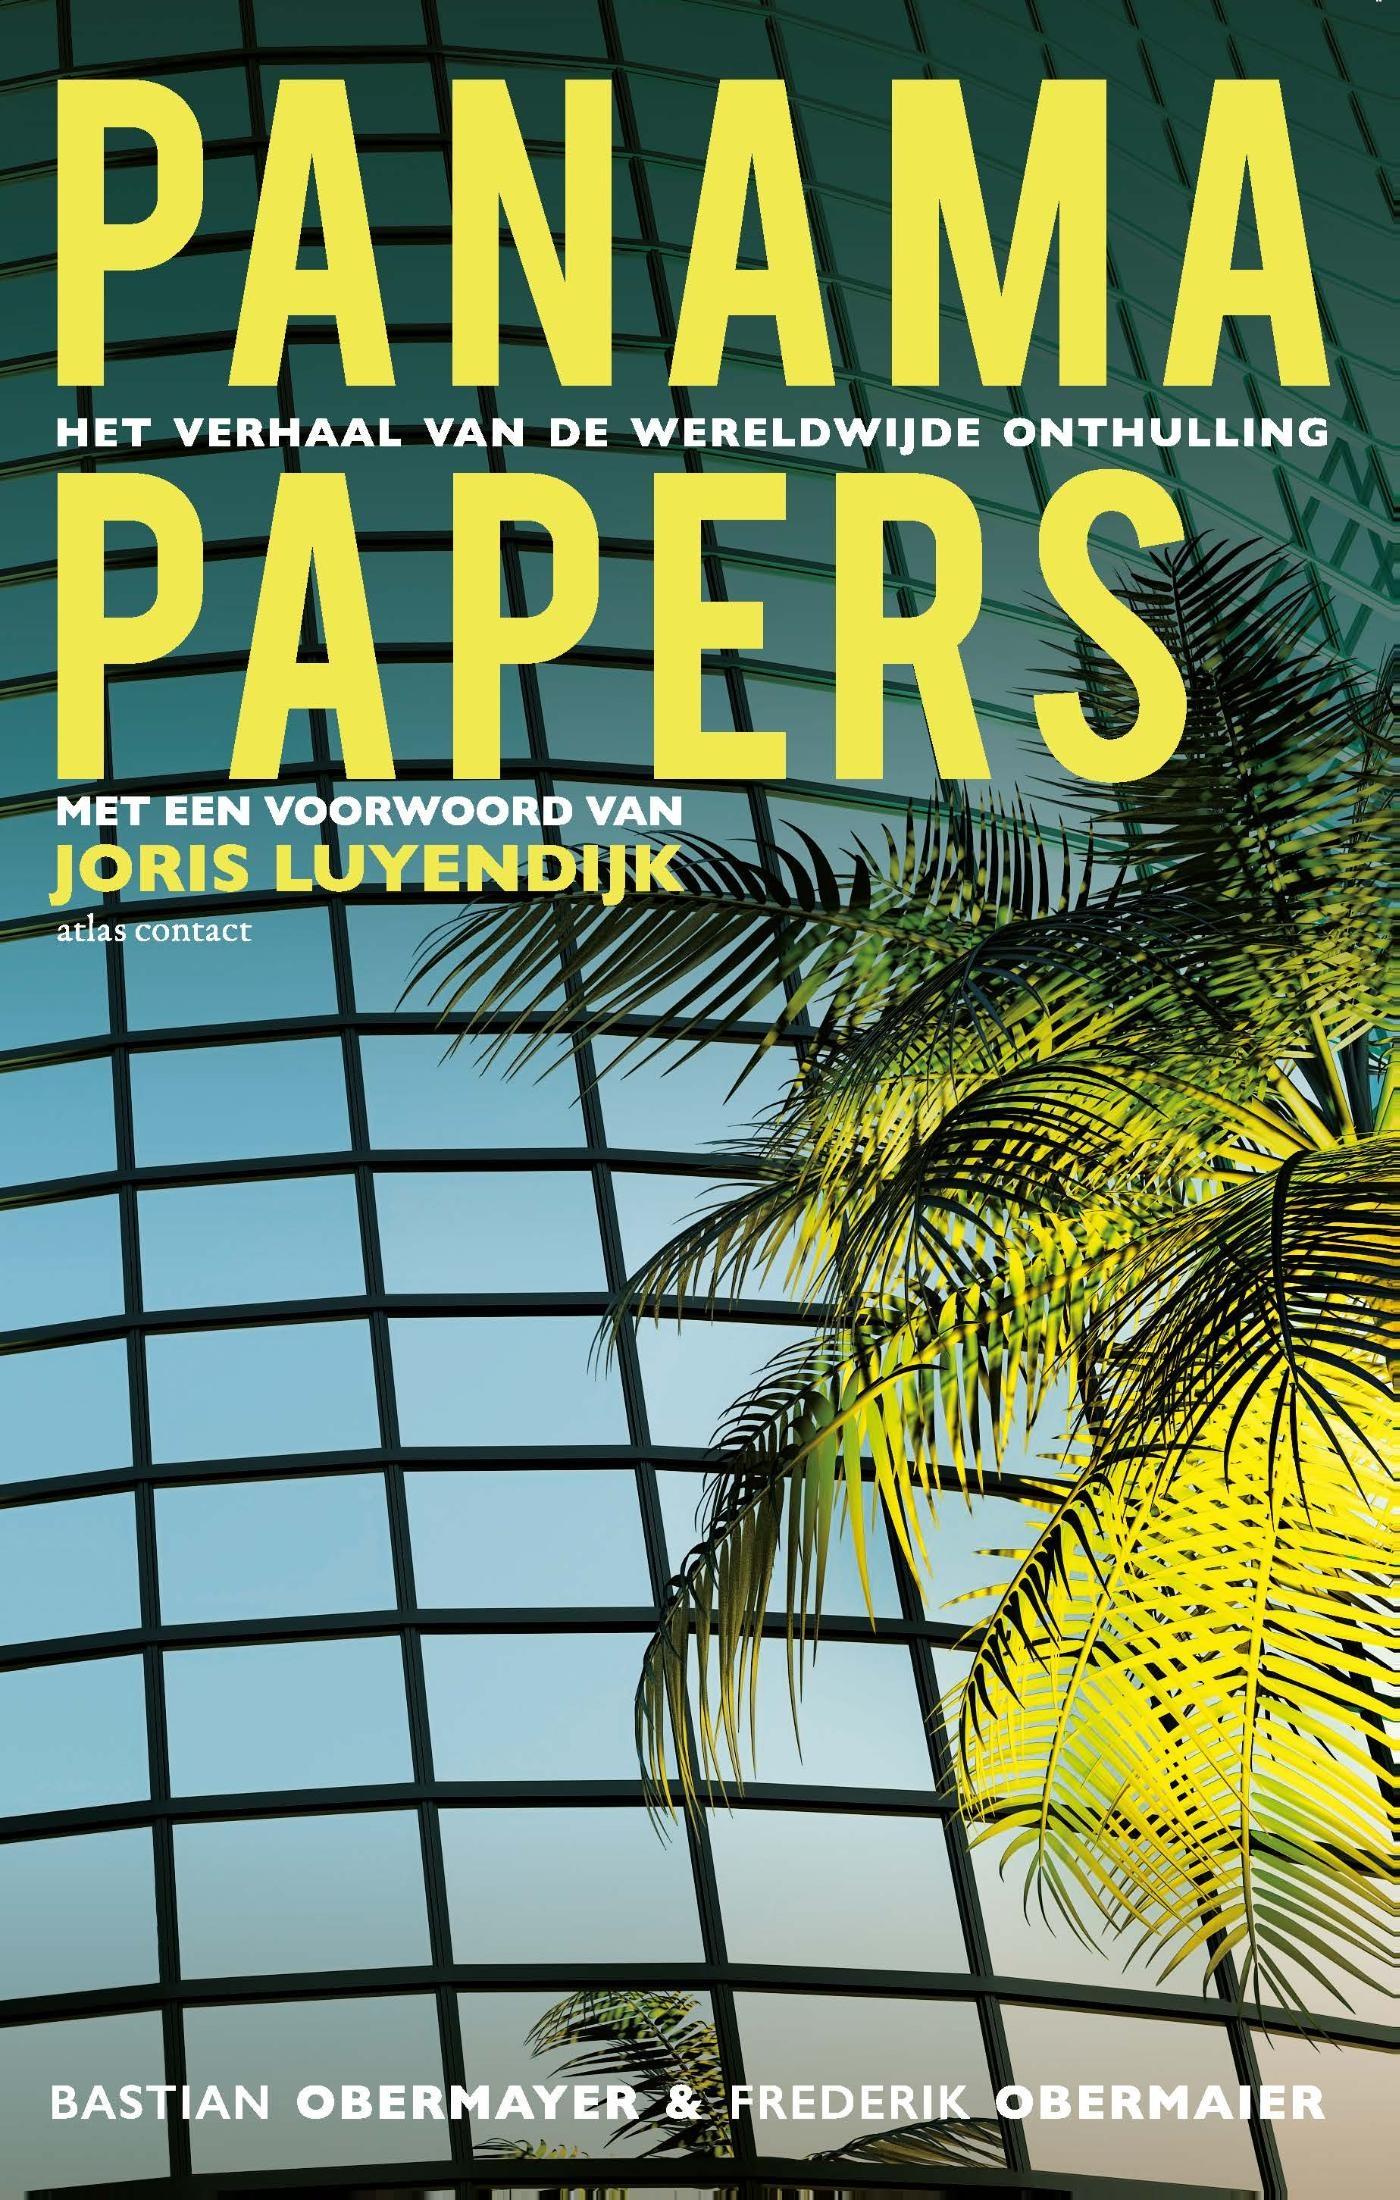 Panama Papers - boekrecensie